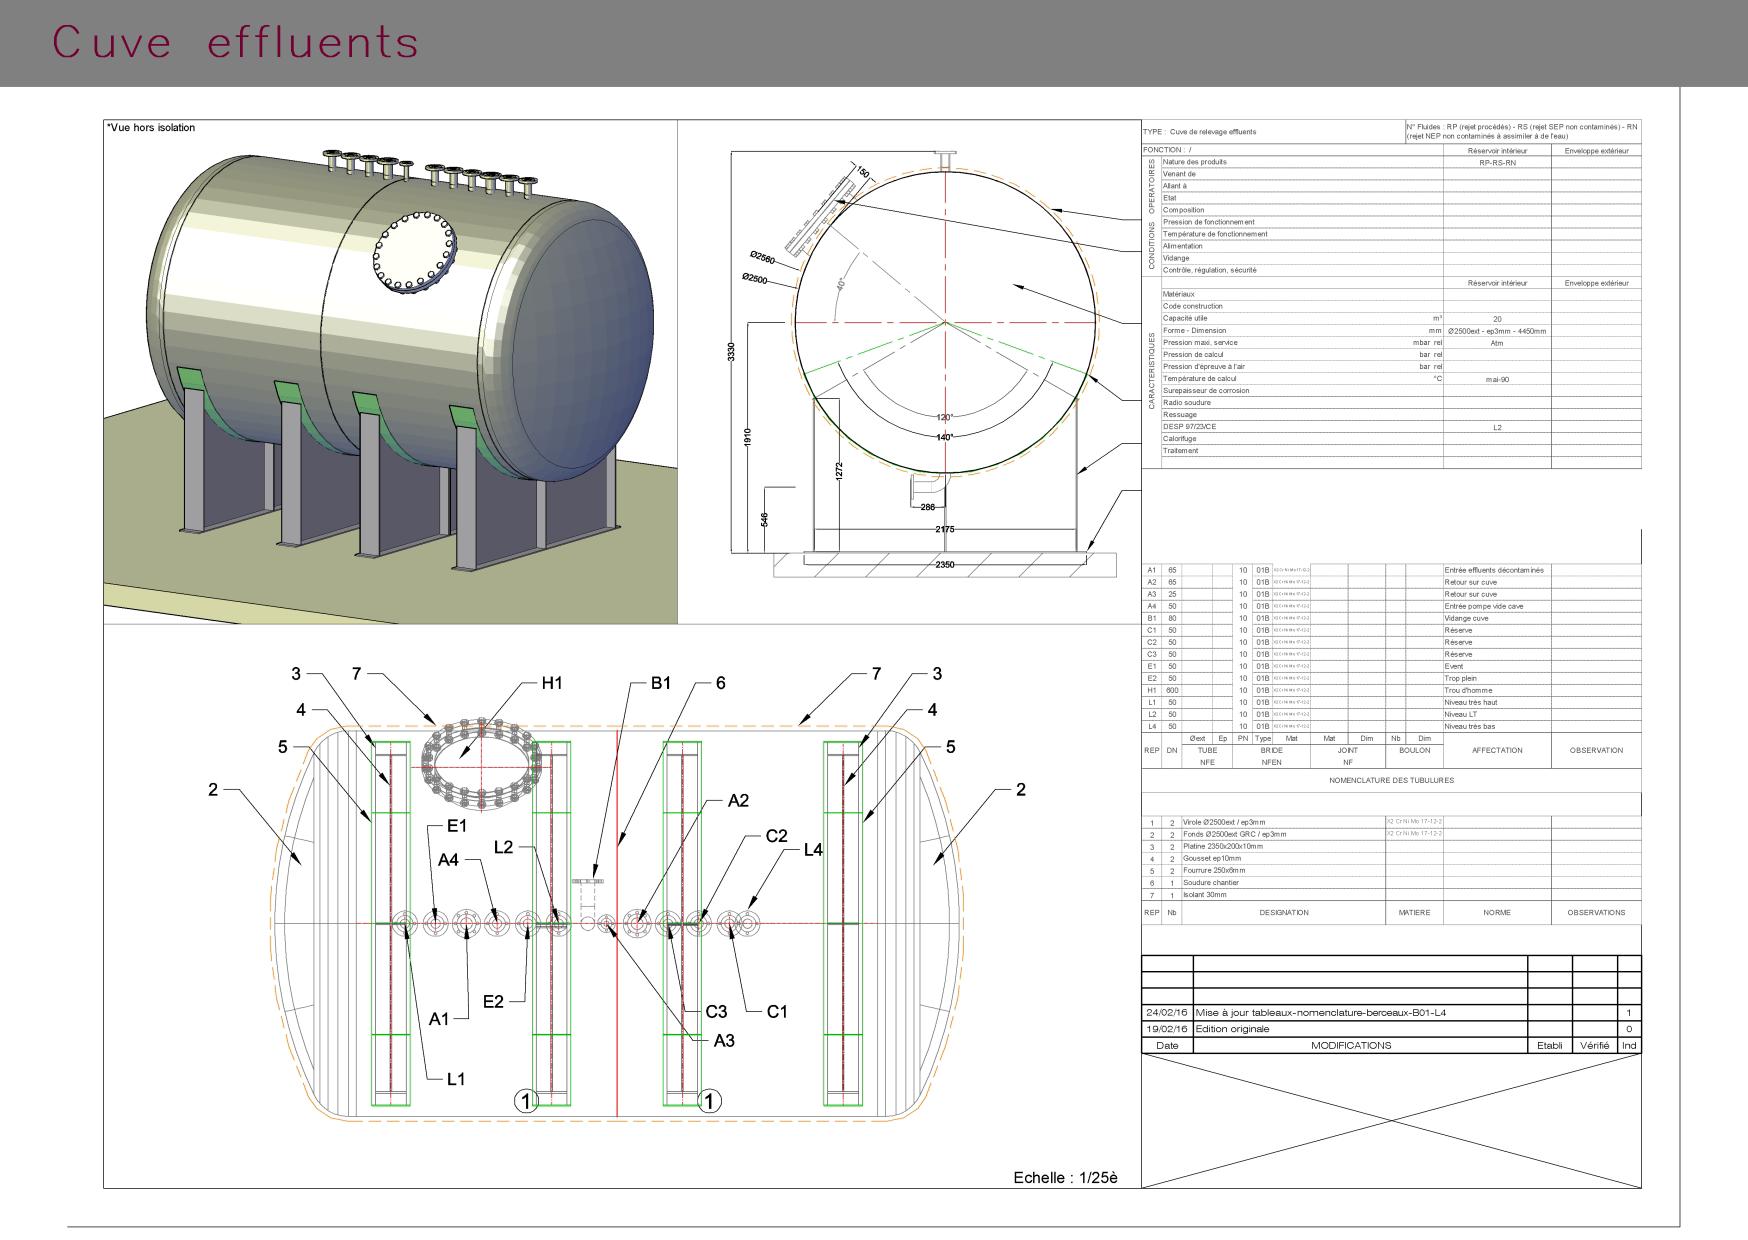 Plans et vue 3D d'une cuve effluents